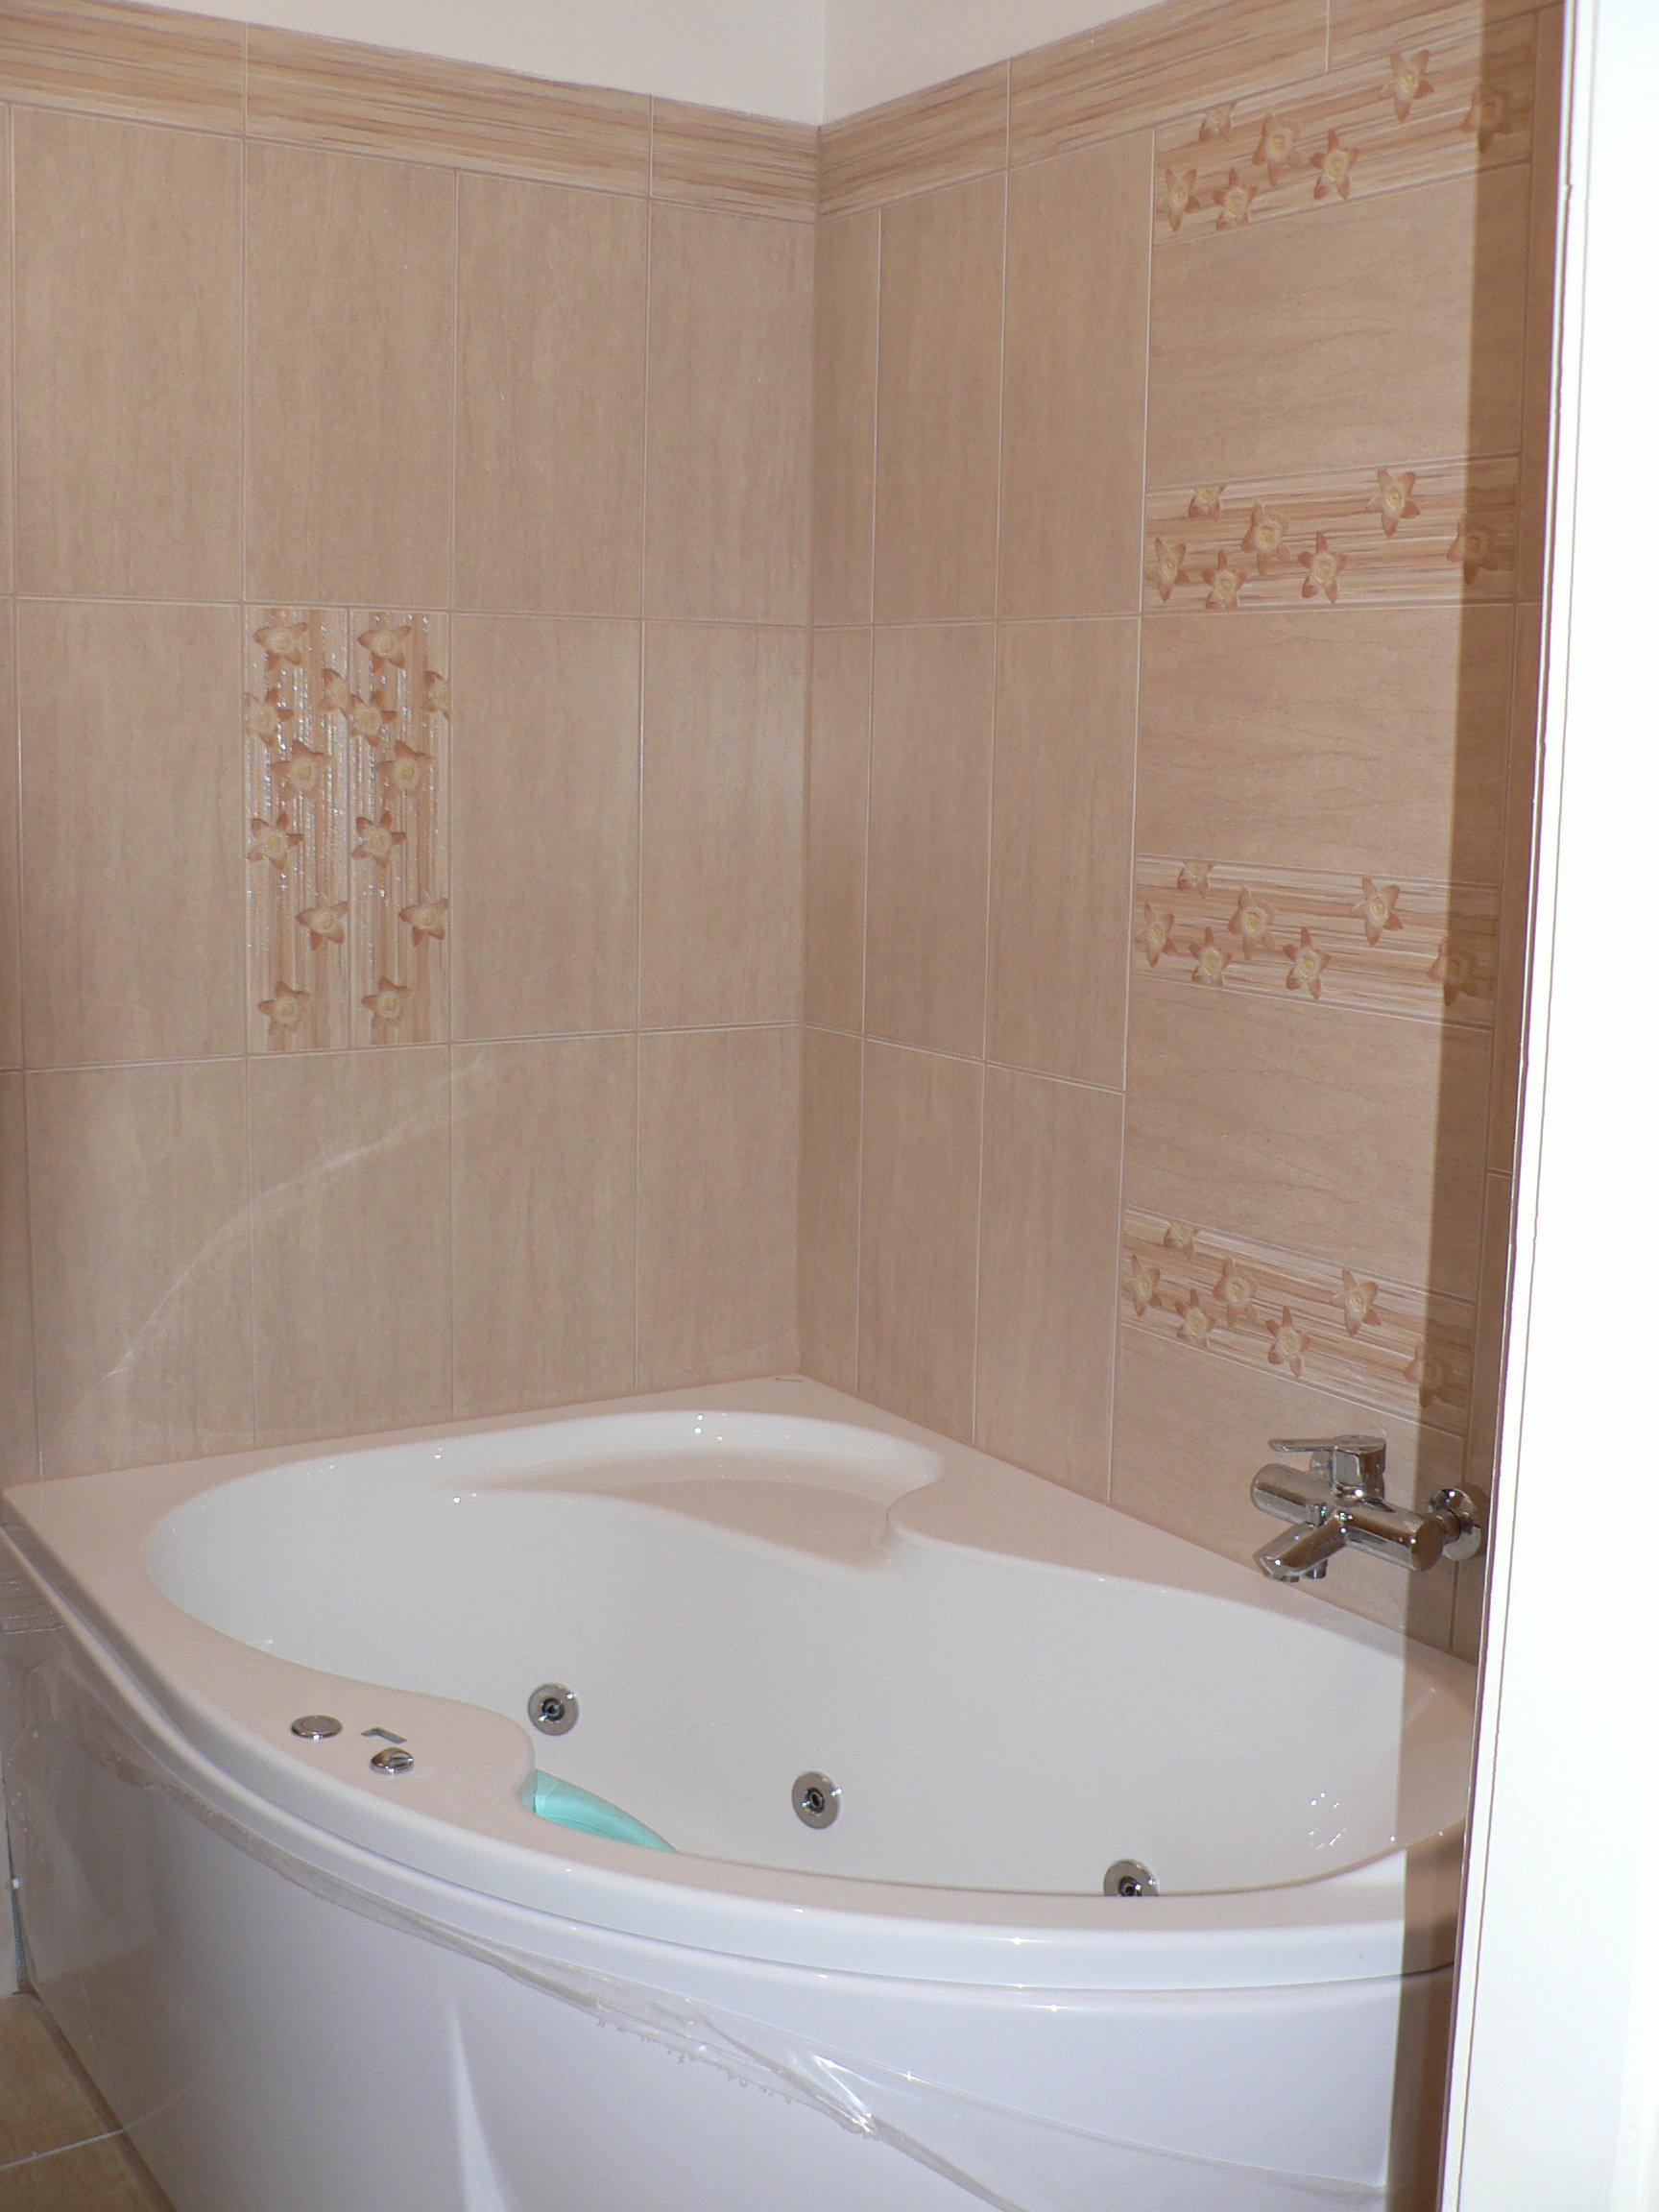 Esettanulmányok: egy mini oázis Zalakerámia csempéből - Fürdőszoba Titkok